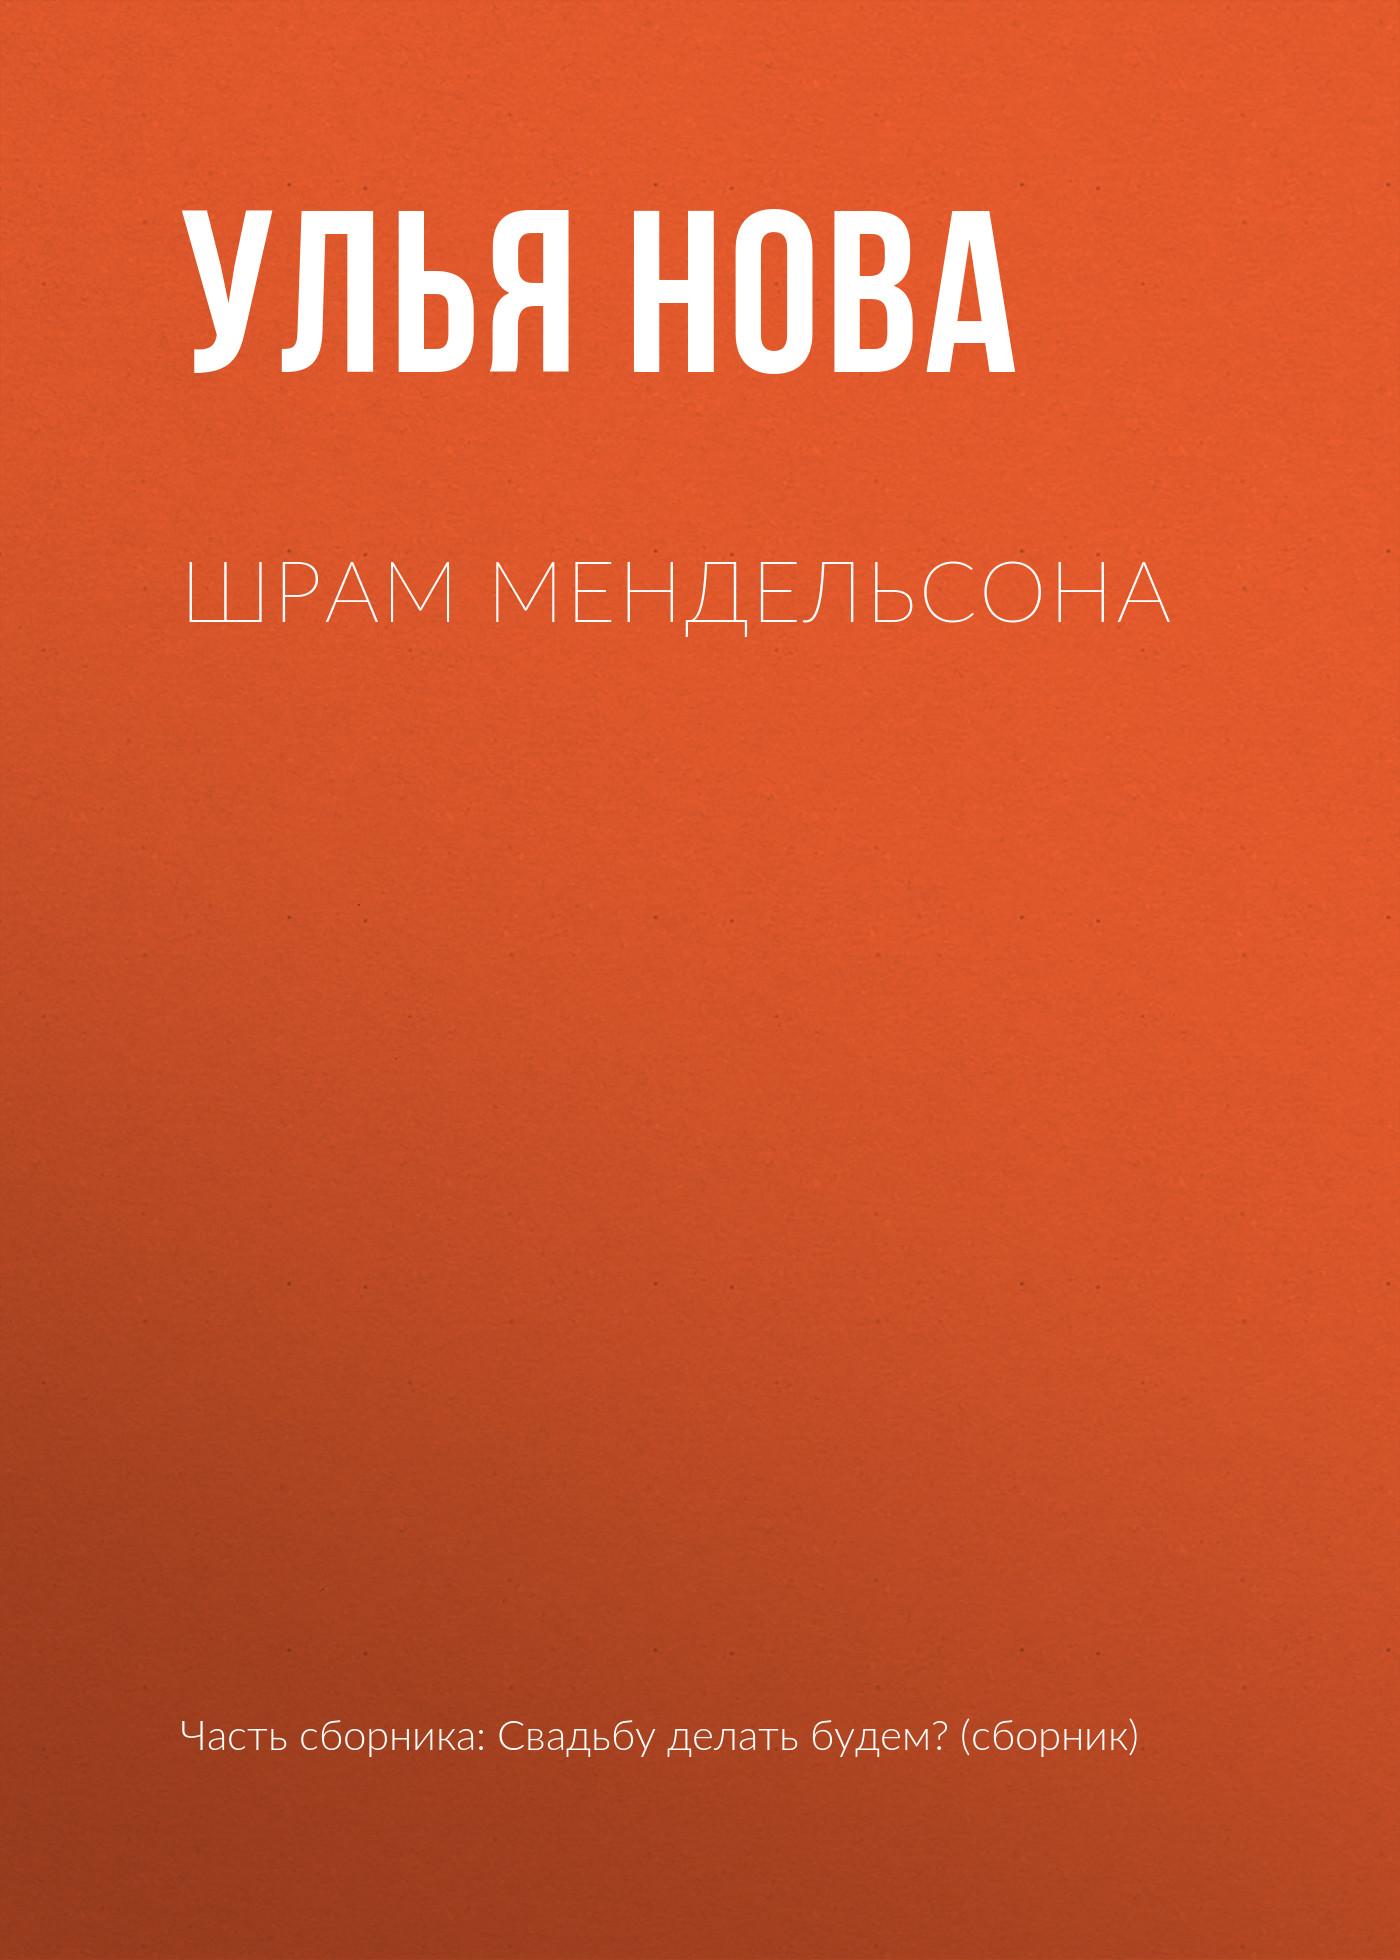 цена на Улья Нова Шрам Мендельсона